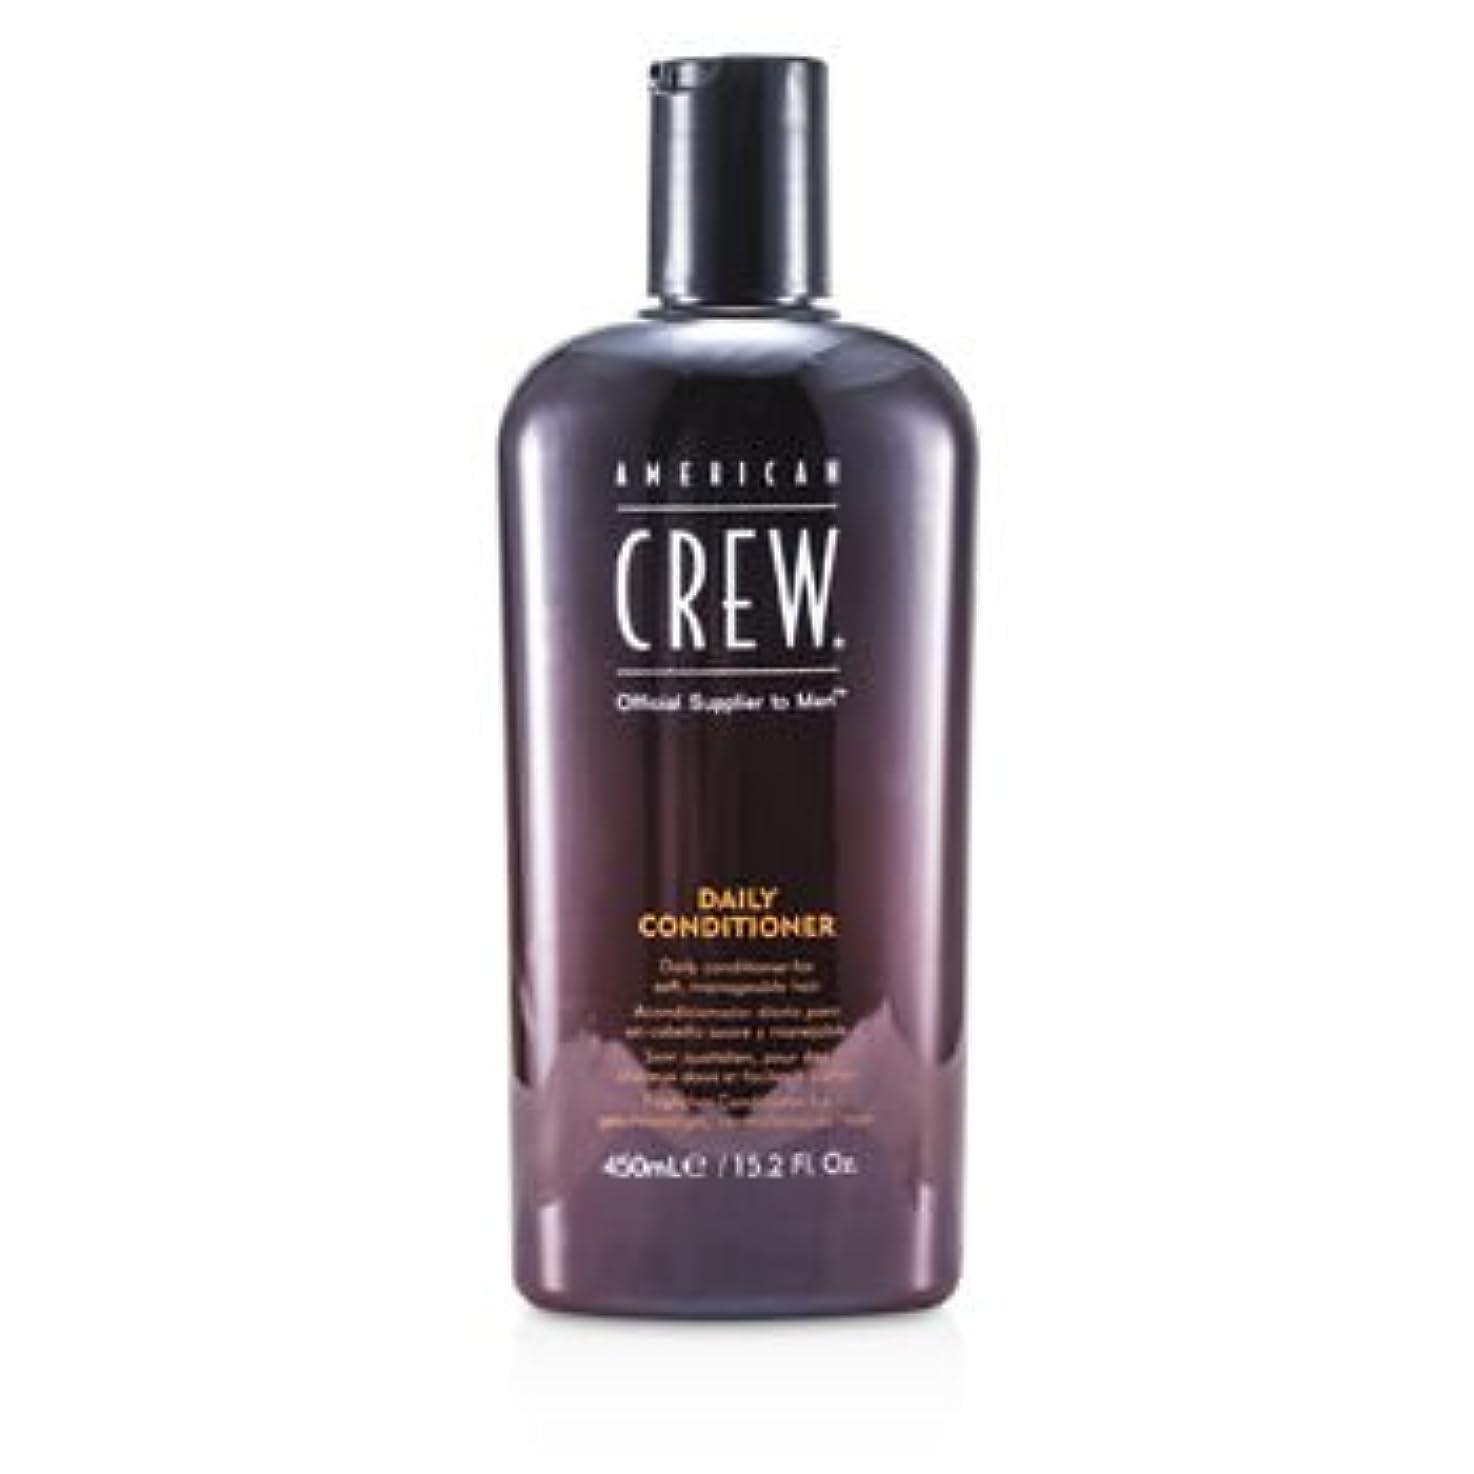 メッセージ眠いです灌漑[American Crew] Men Daily Conditioner (For Soft Manageable Hair) 450ml/15.2oz